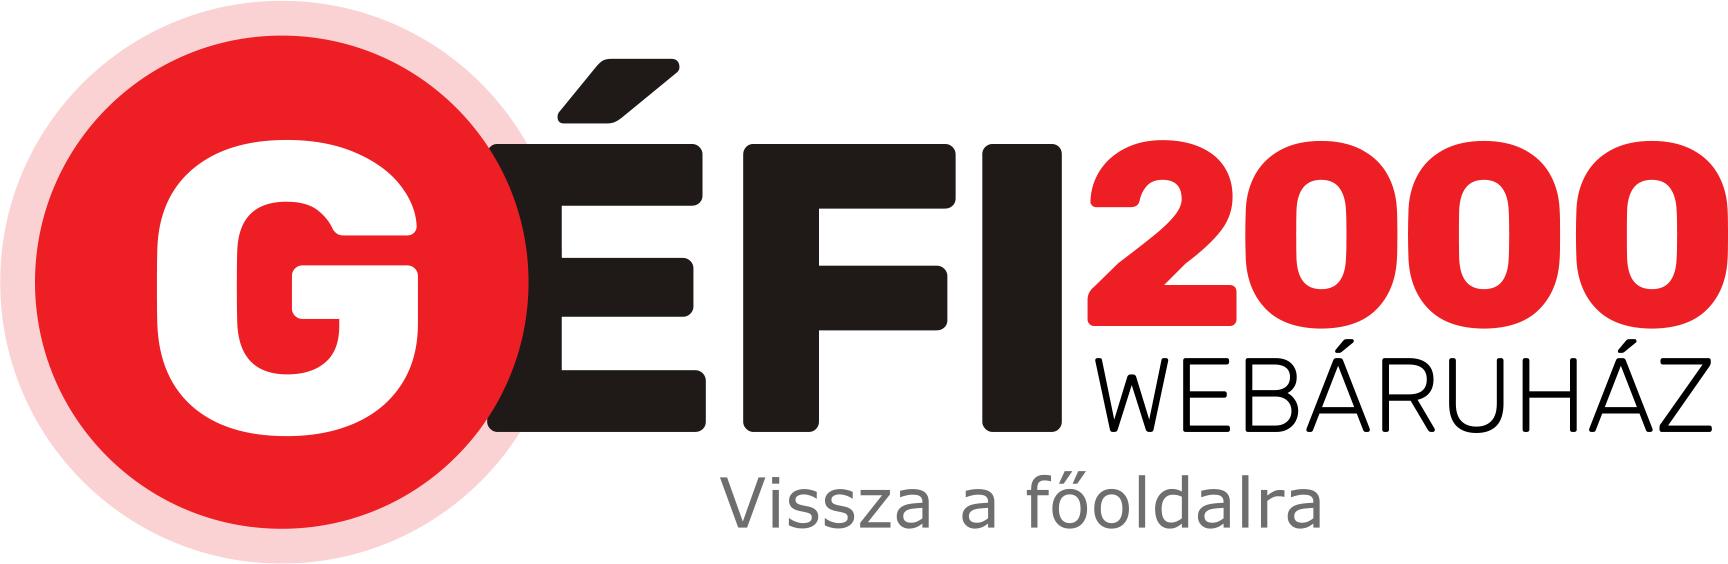 GÉFI 2000 Kft.